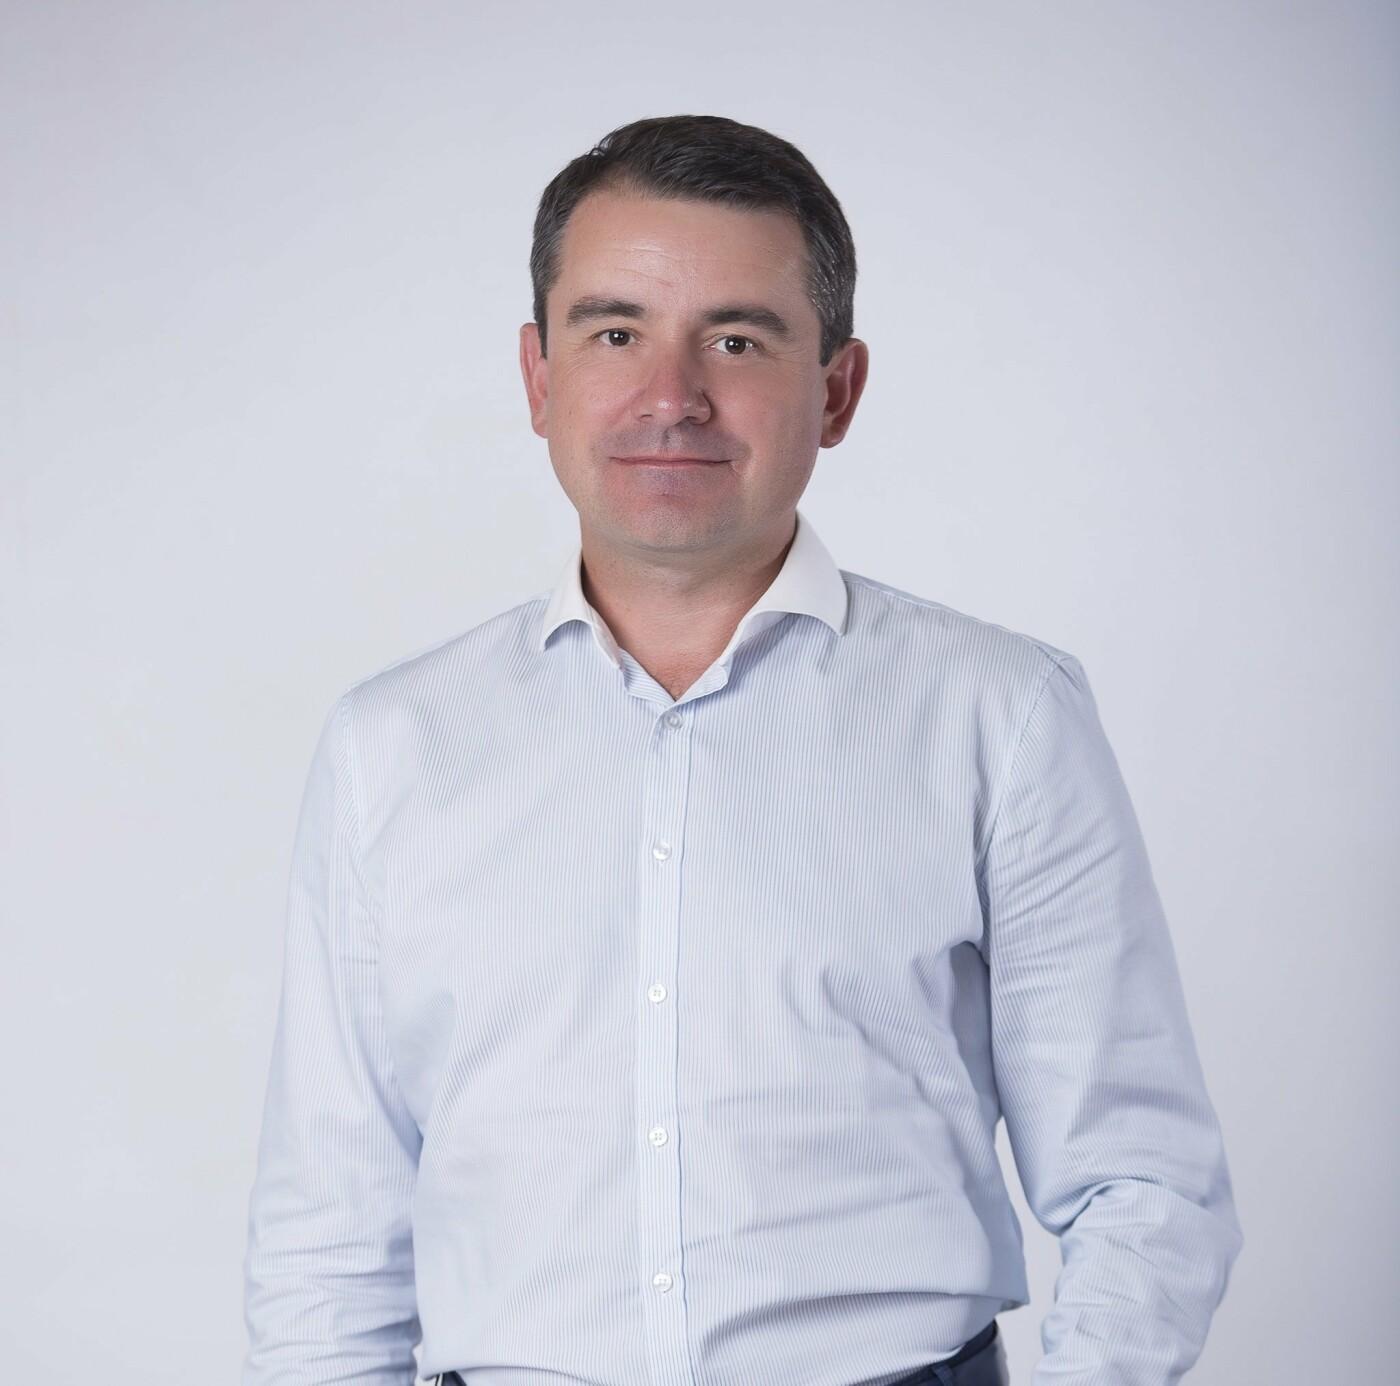 Вадим Лях, фото з fb